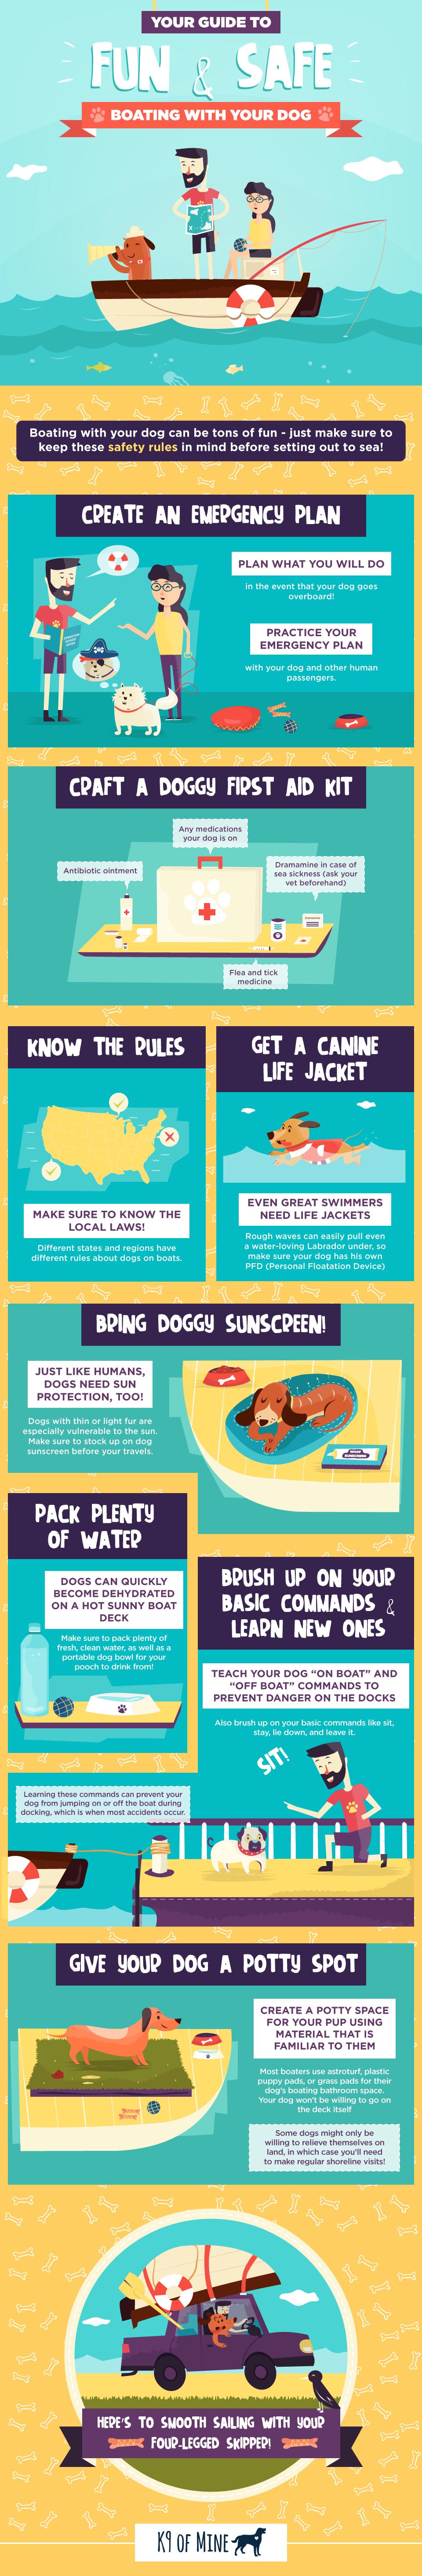 https://windcheckmagazine.com/app/uploads/2019/01/dog-boating-safety-infographic-1.png